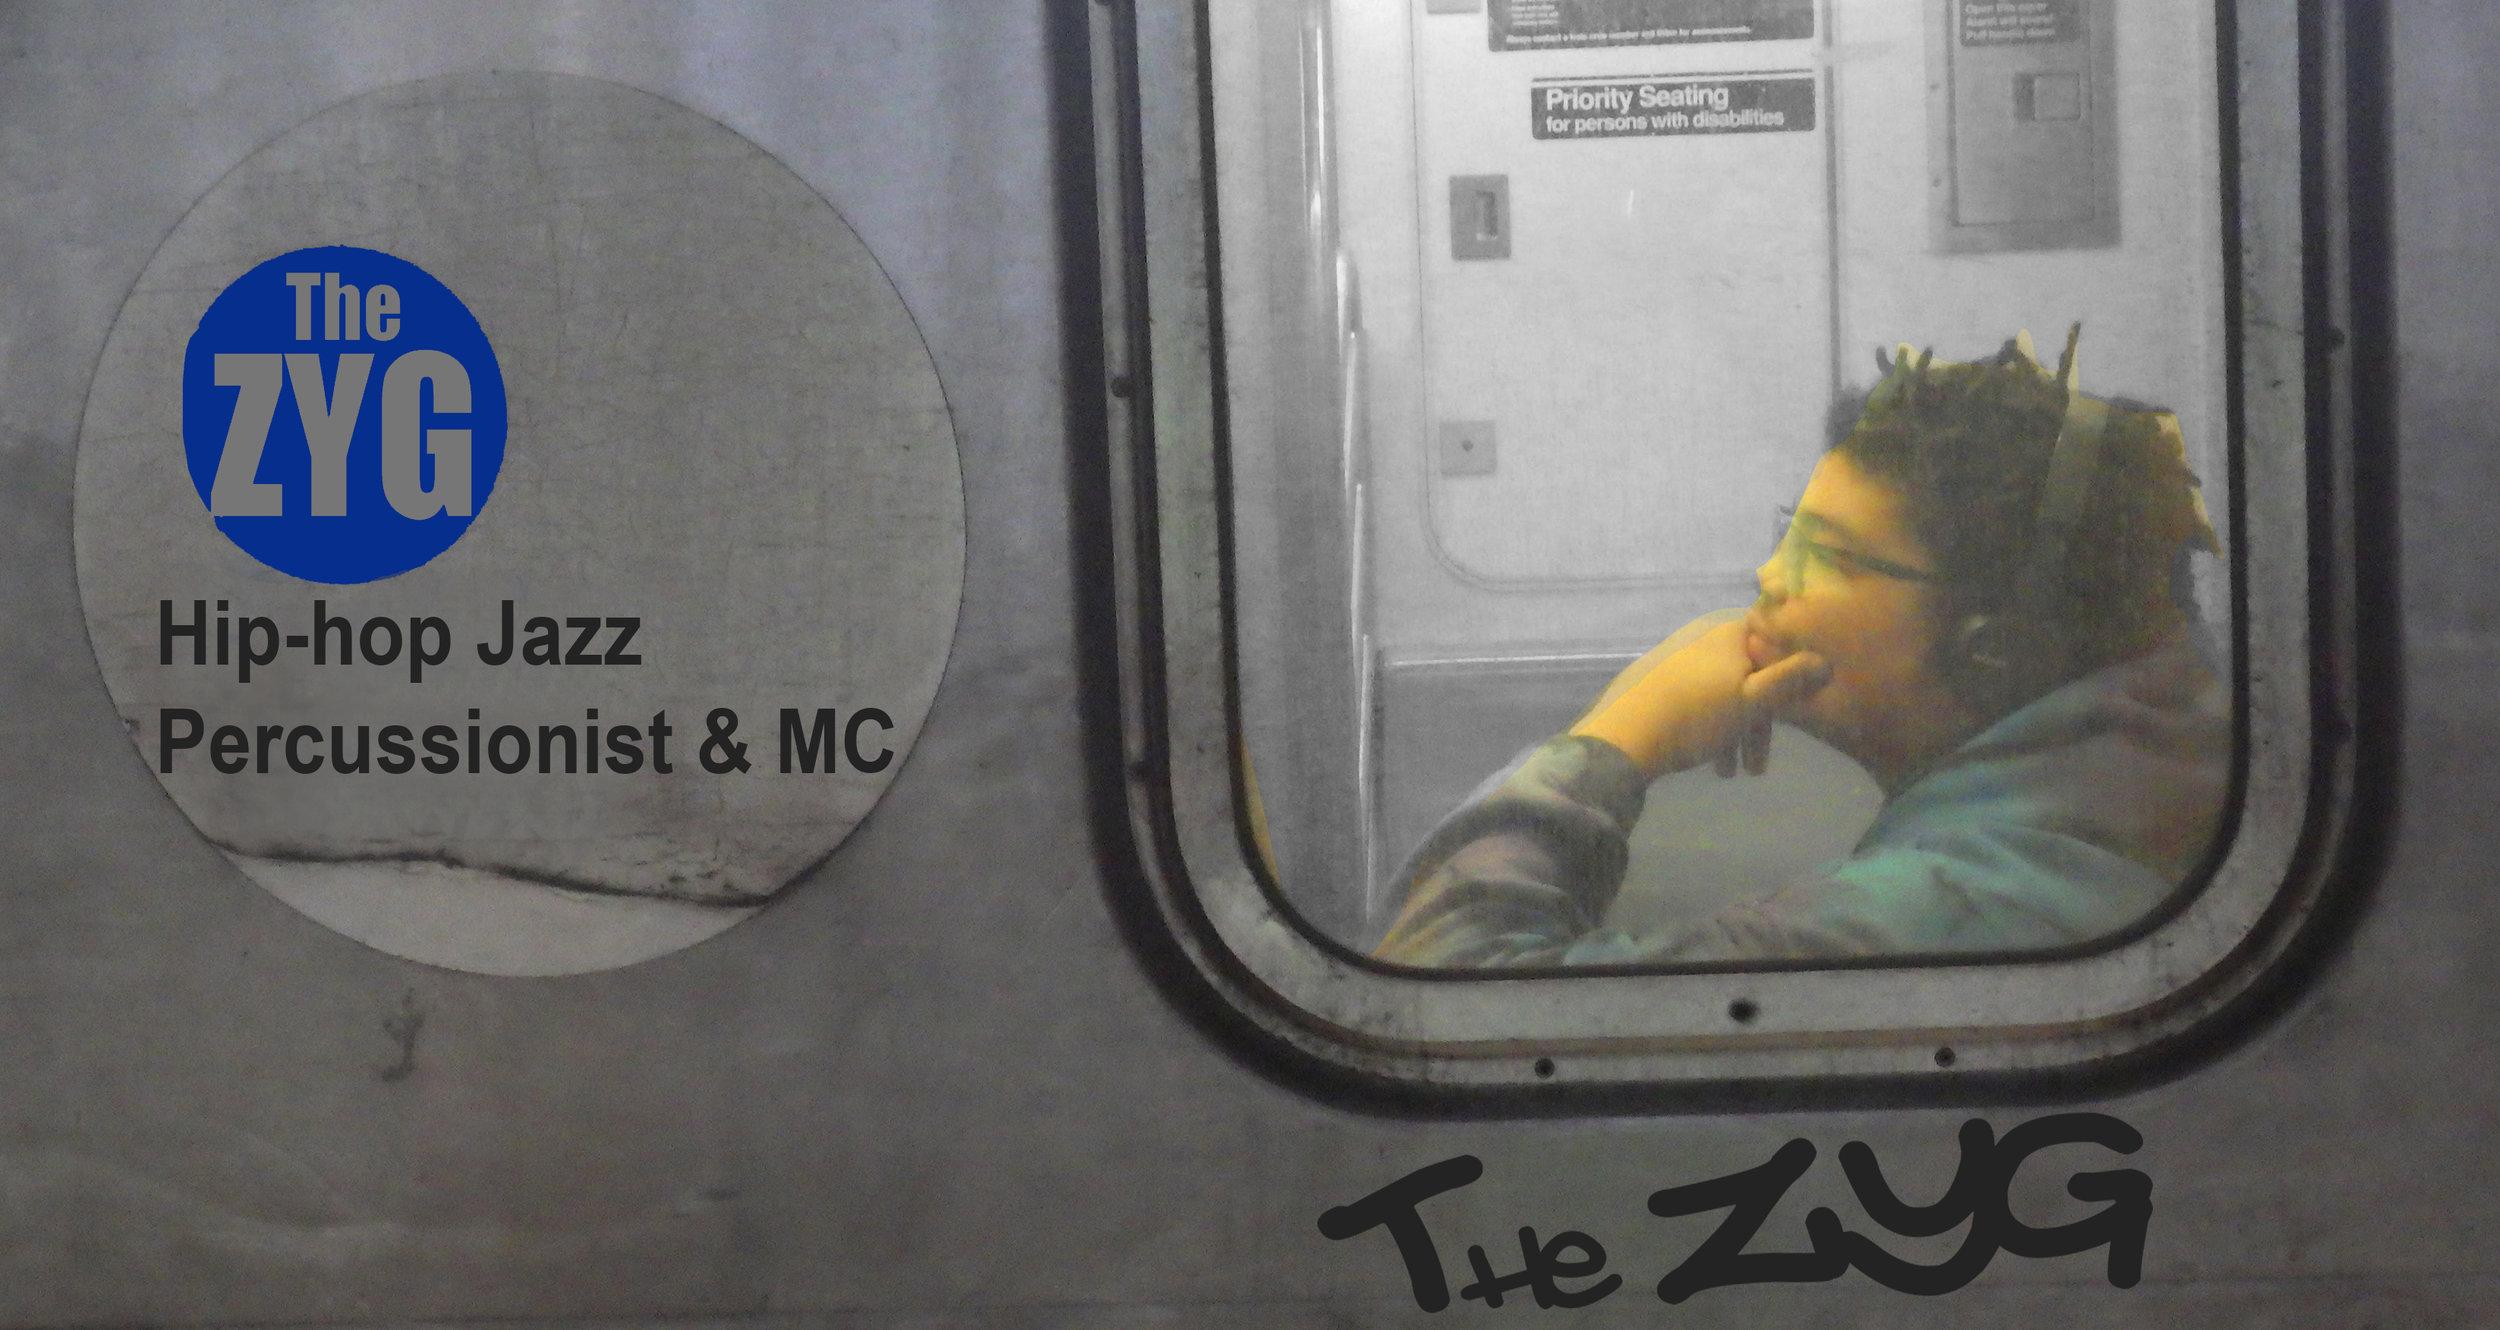 Zyg through train window copy2.jpg